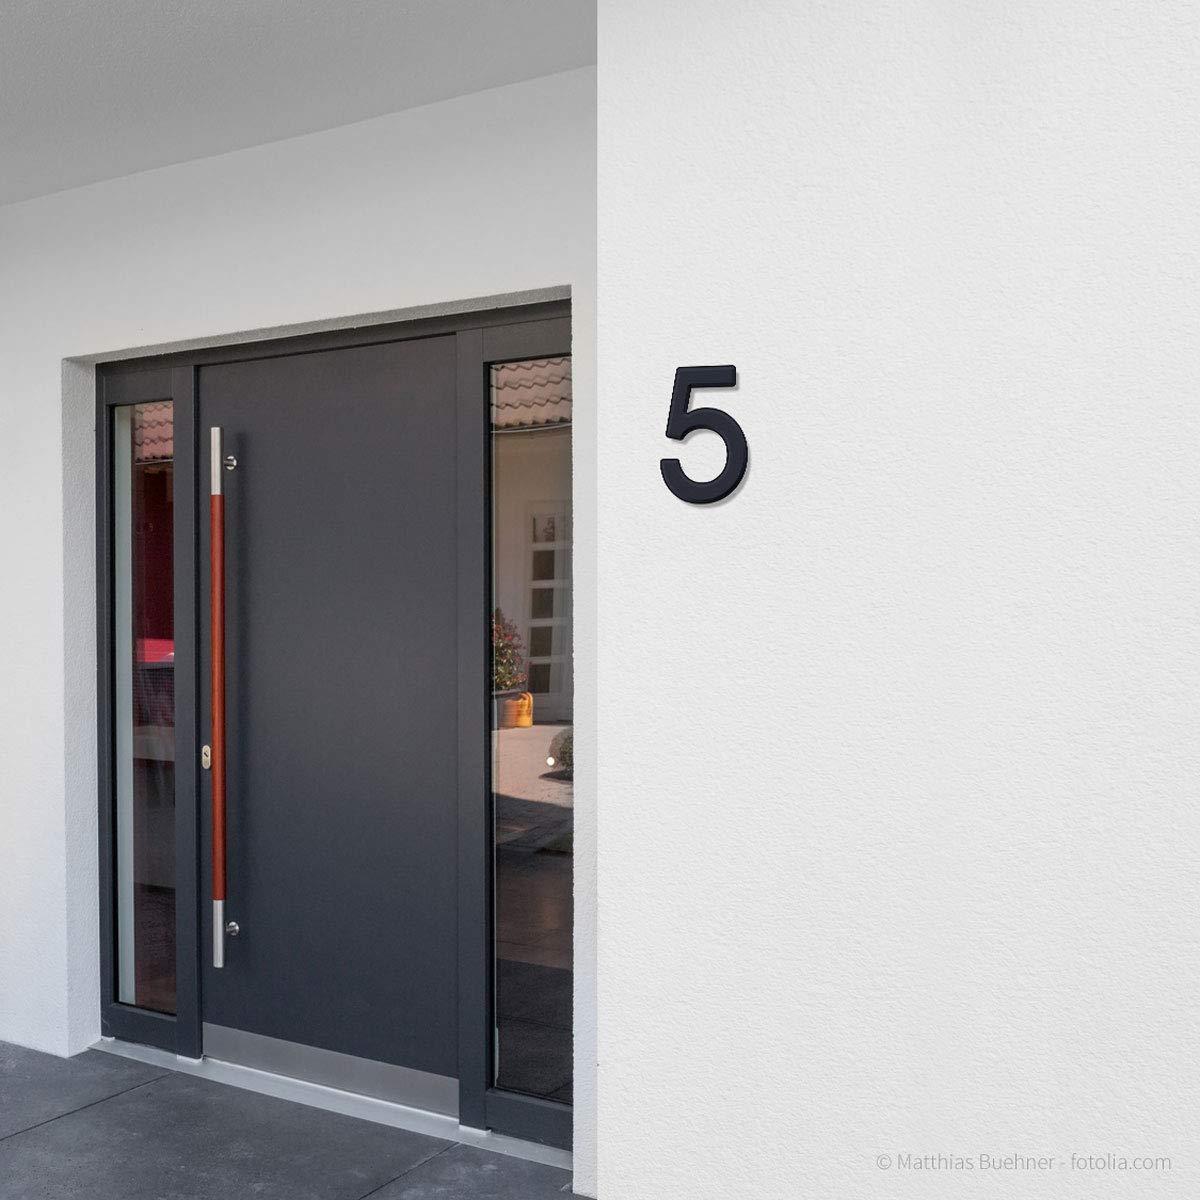 Thorwa/® Design Edelstahl Hausnummer modern Avant Garde Stil RAL 7016 H: 160mm anthrazit pulverbeschichtet 5